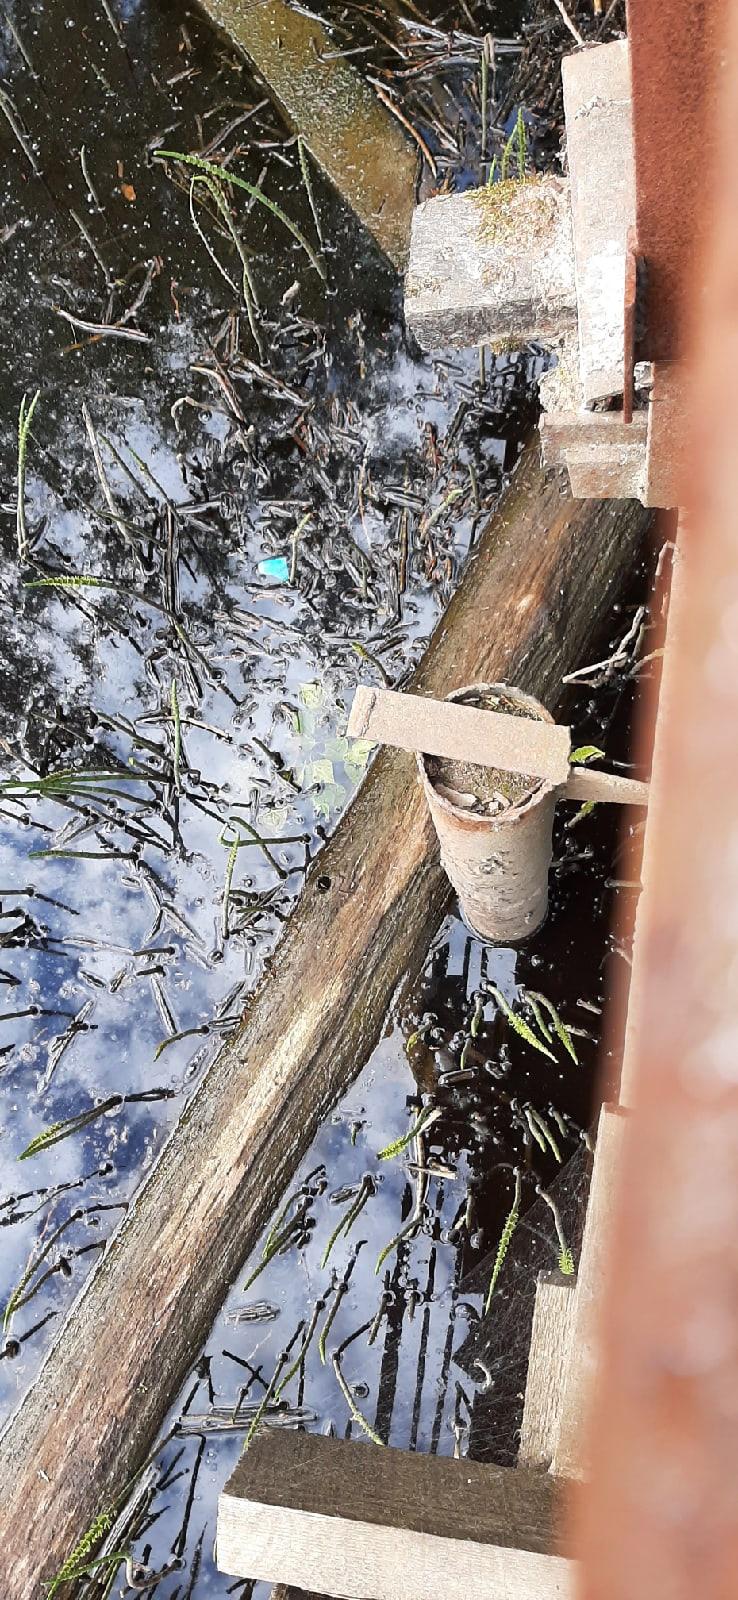 Жители Тверской области бьют тревогу из-за рушащегося моста